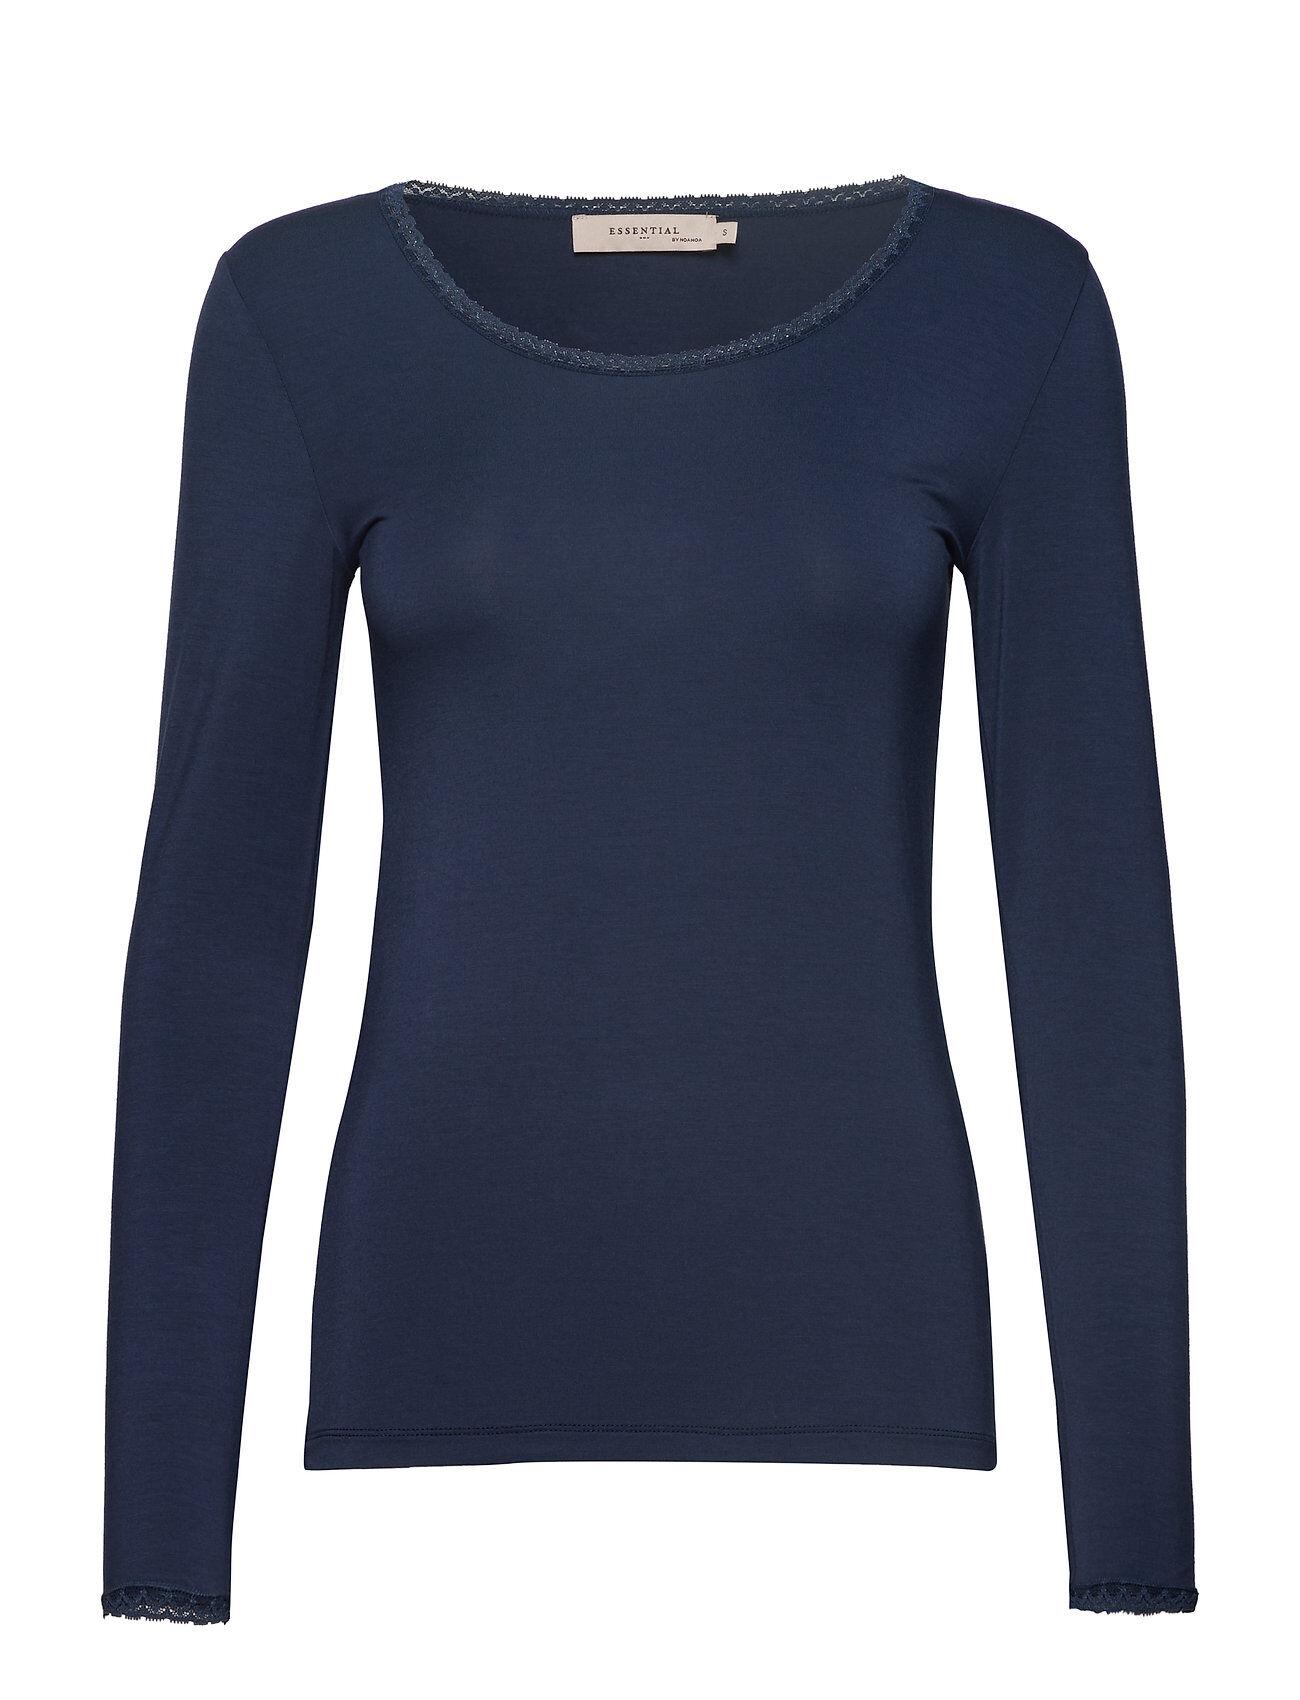 Noa Noa T-Shirt T-shirts & Tops Long-sleeved Sininen Noa Noa